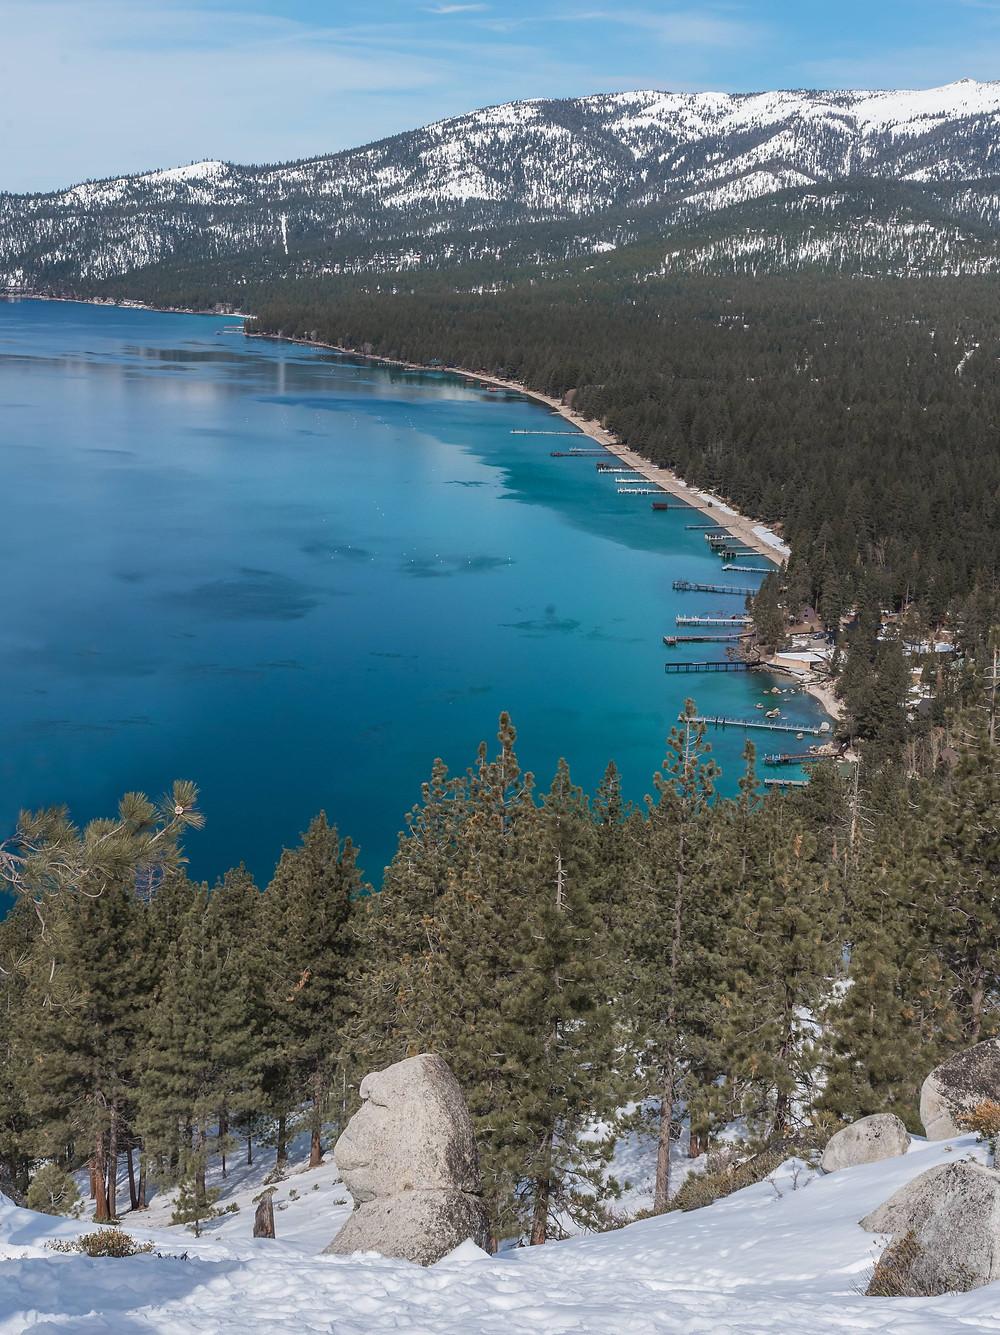 Monkey Rock hike in lake tahoe in the winter